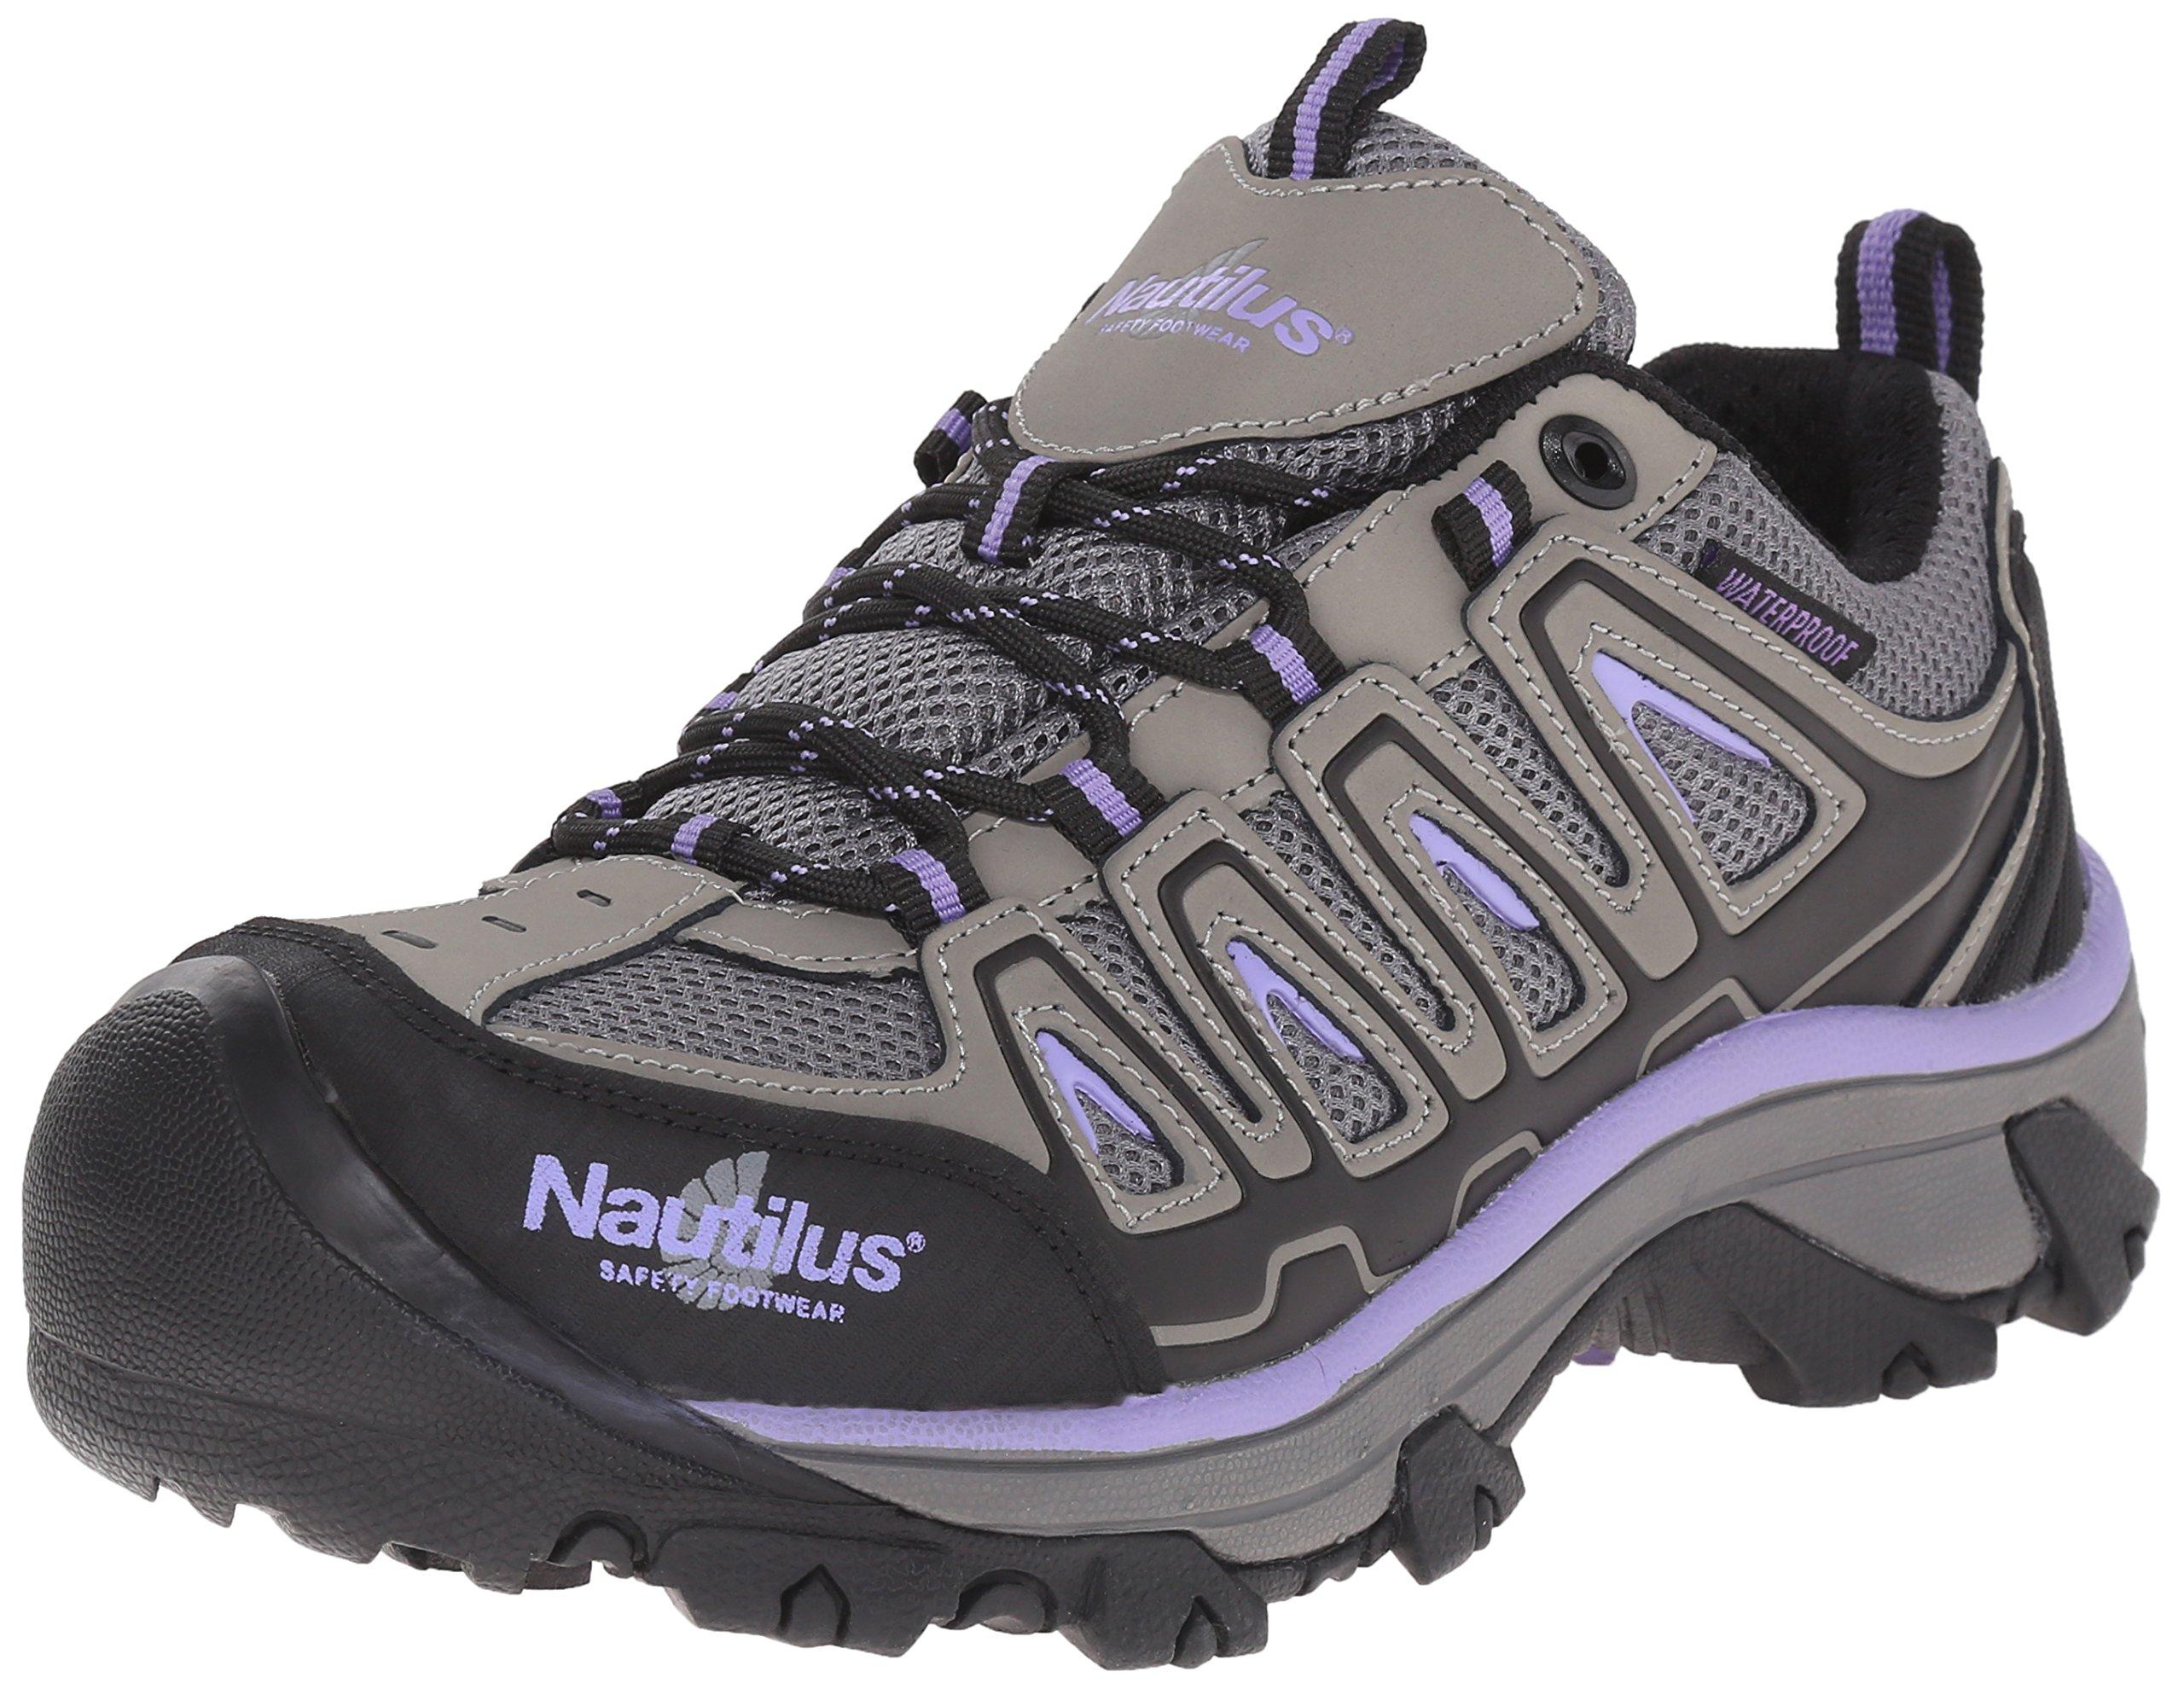 Nautilus Safety Footwear Women's 2258 Work Shoe, Grey, 10 M US